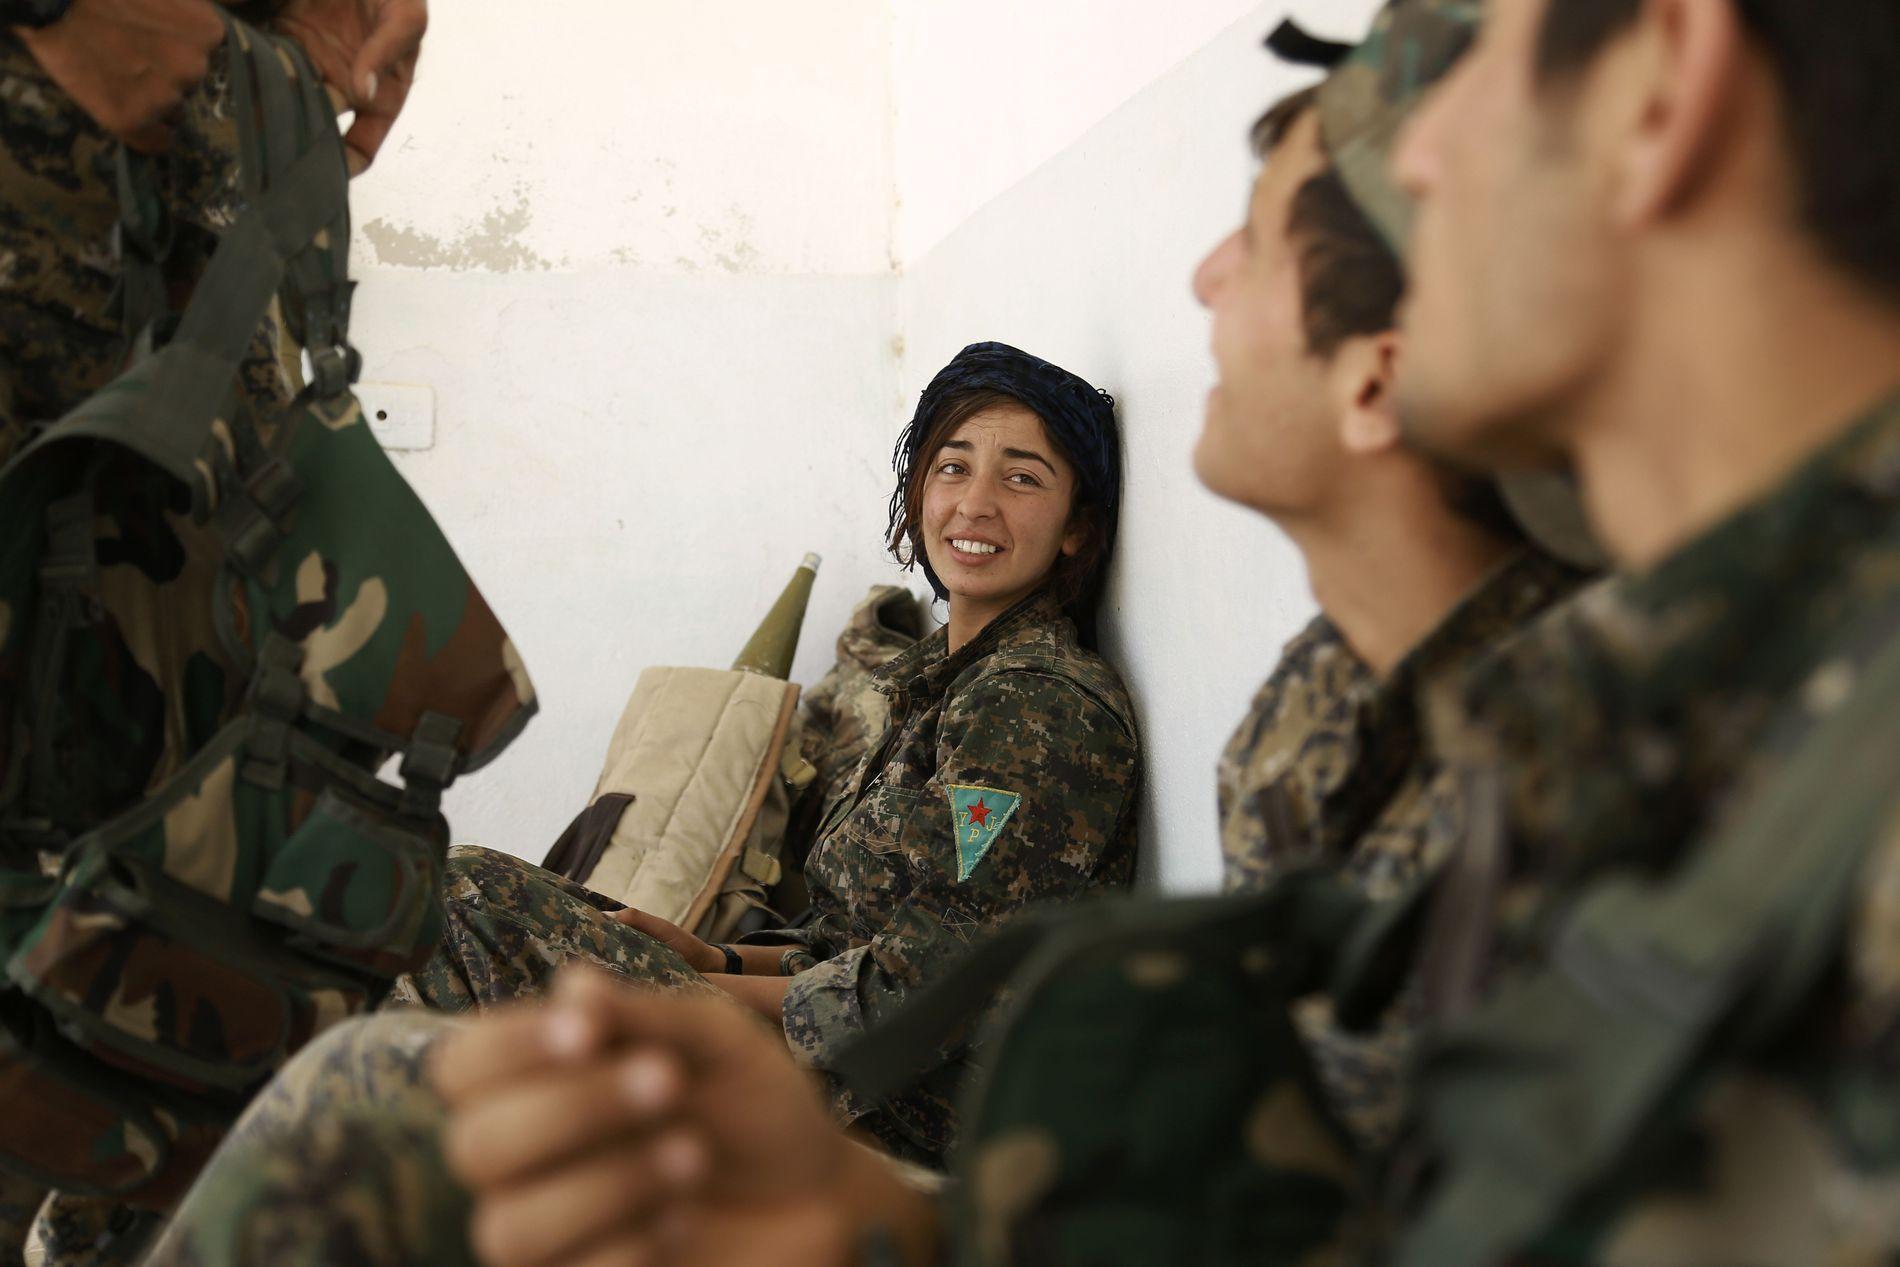 KVINNELIGE KRIGERE: De kurdiske krigerne i Syria har flere kvinnelige soldater blant seg, noe som har fått stor mediedekning. Her nær Raqqa i slutten av mai.